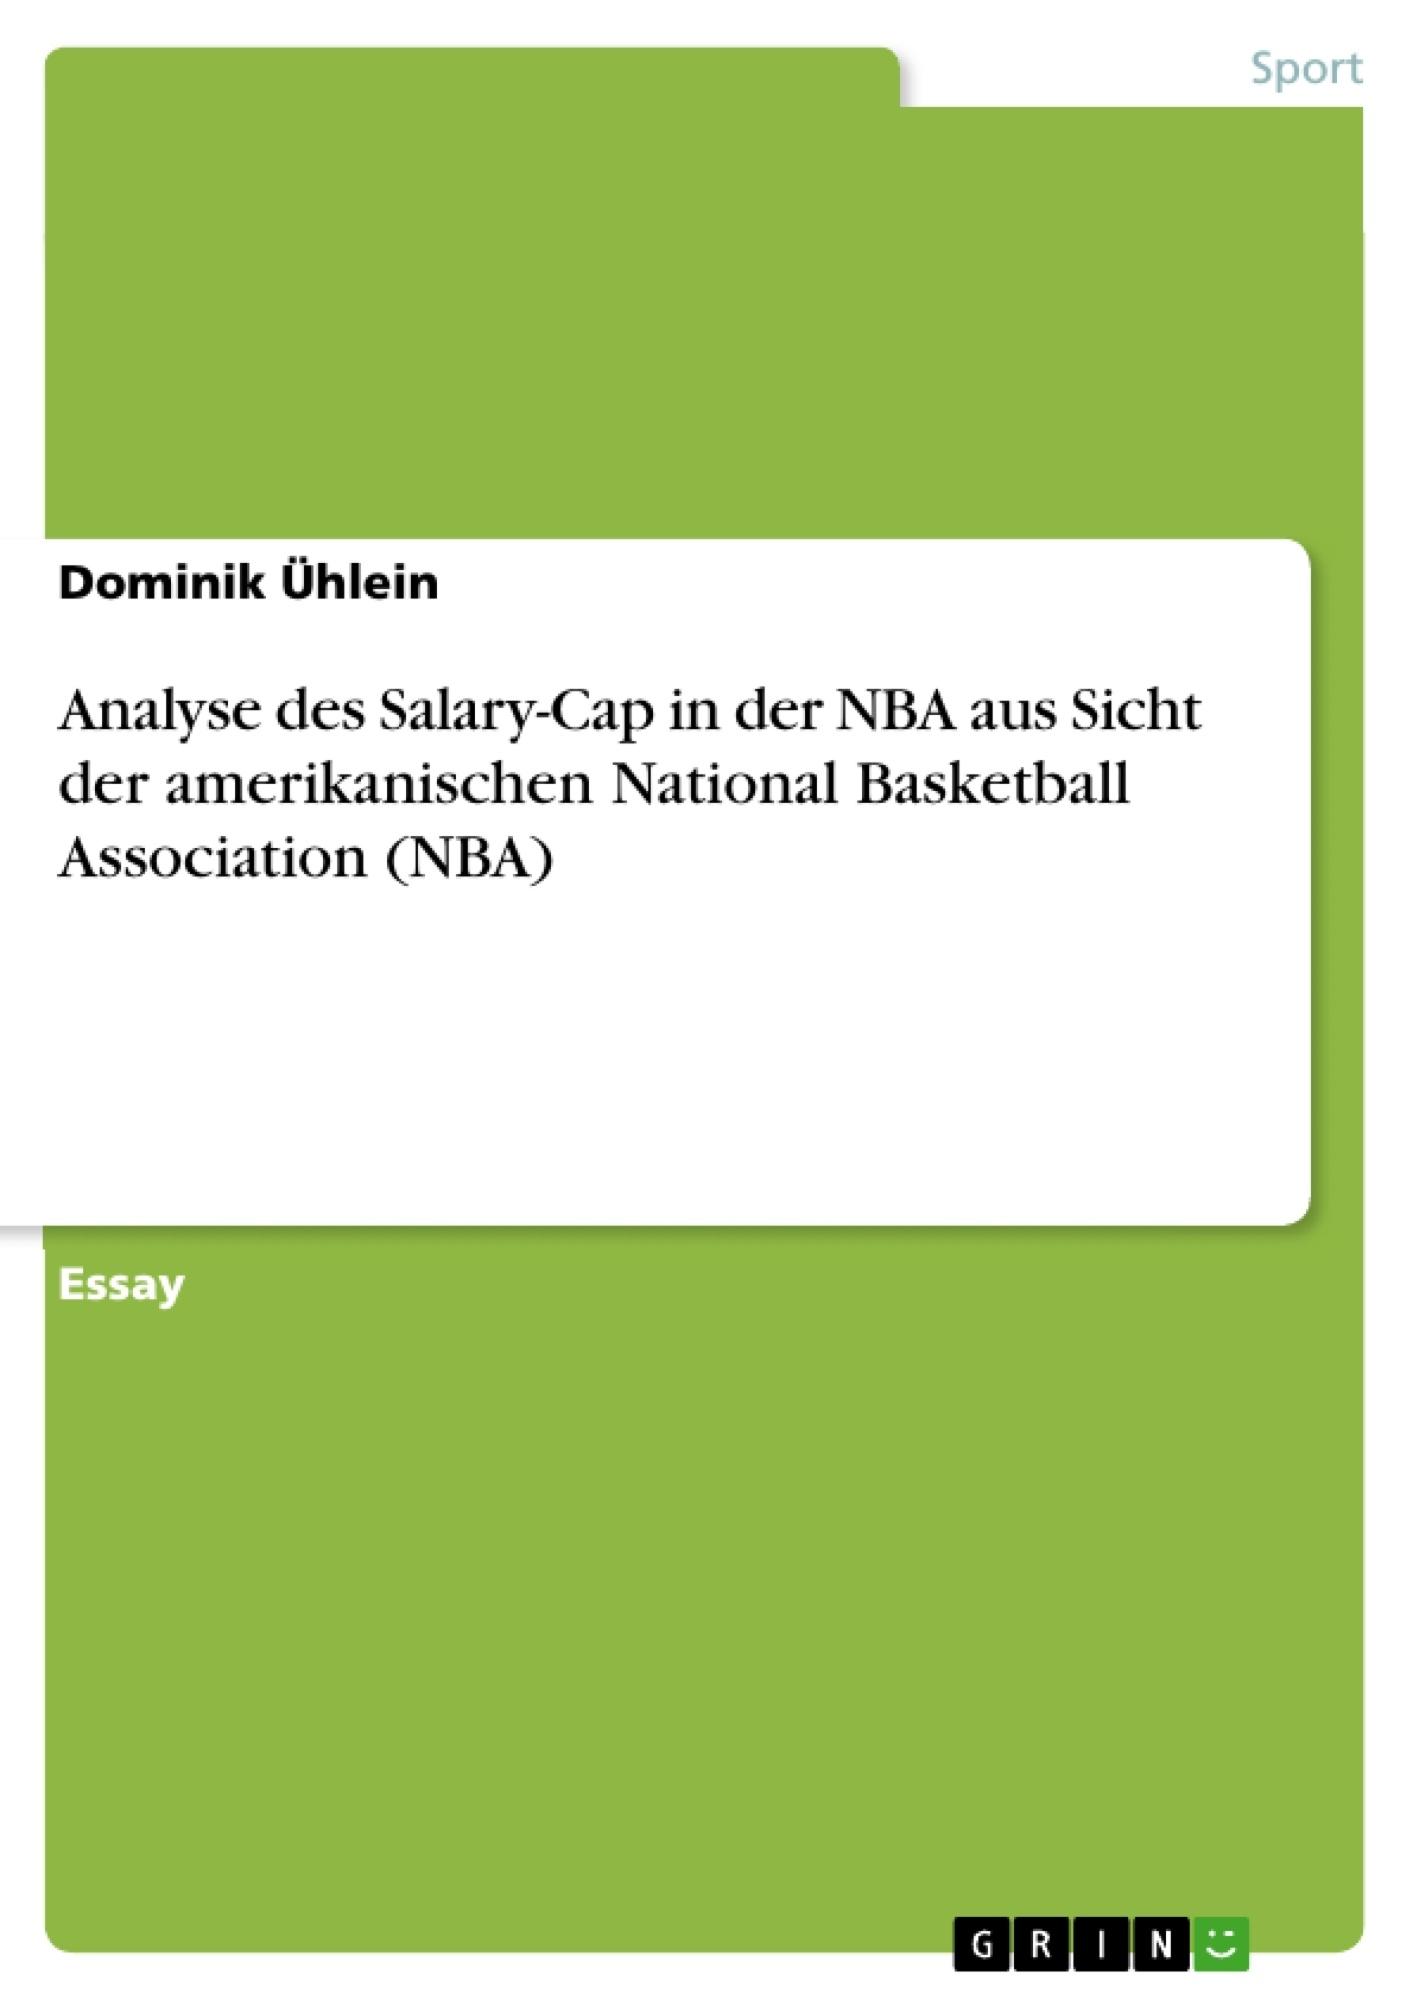 Titel: Analyse des Salary-Cap in der NBA aus Sicht der amerikanischen National Basketball Association (NBA)